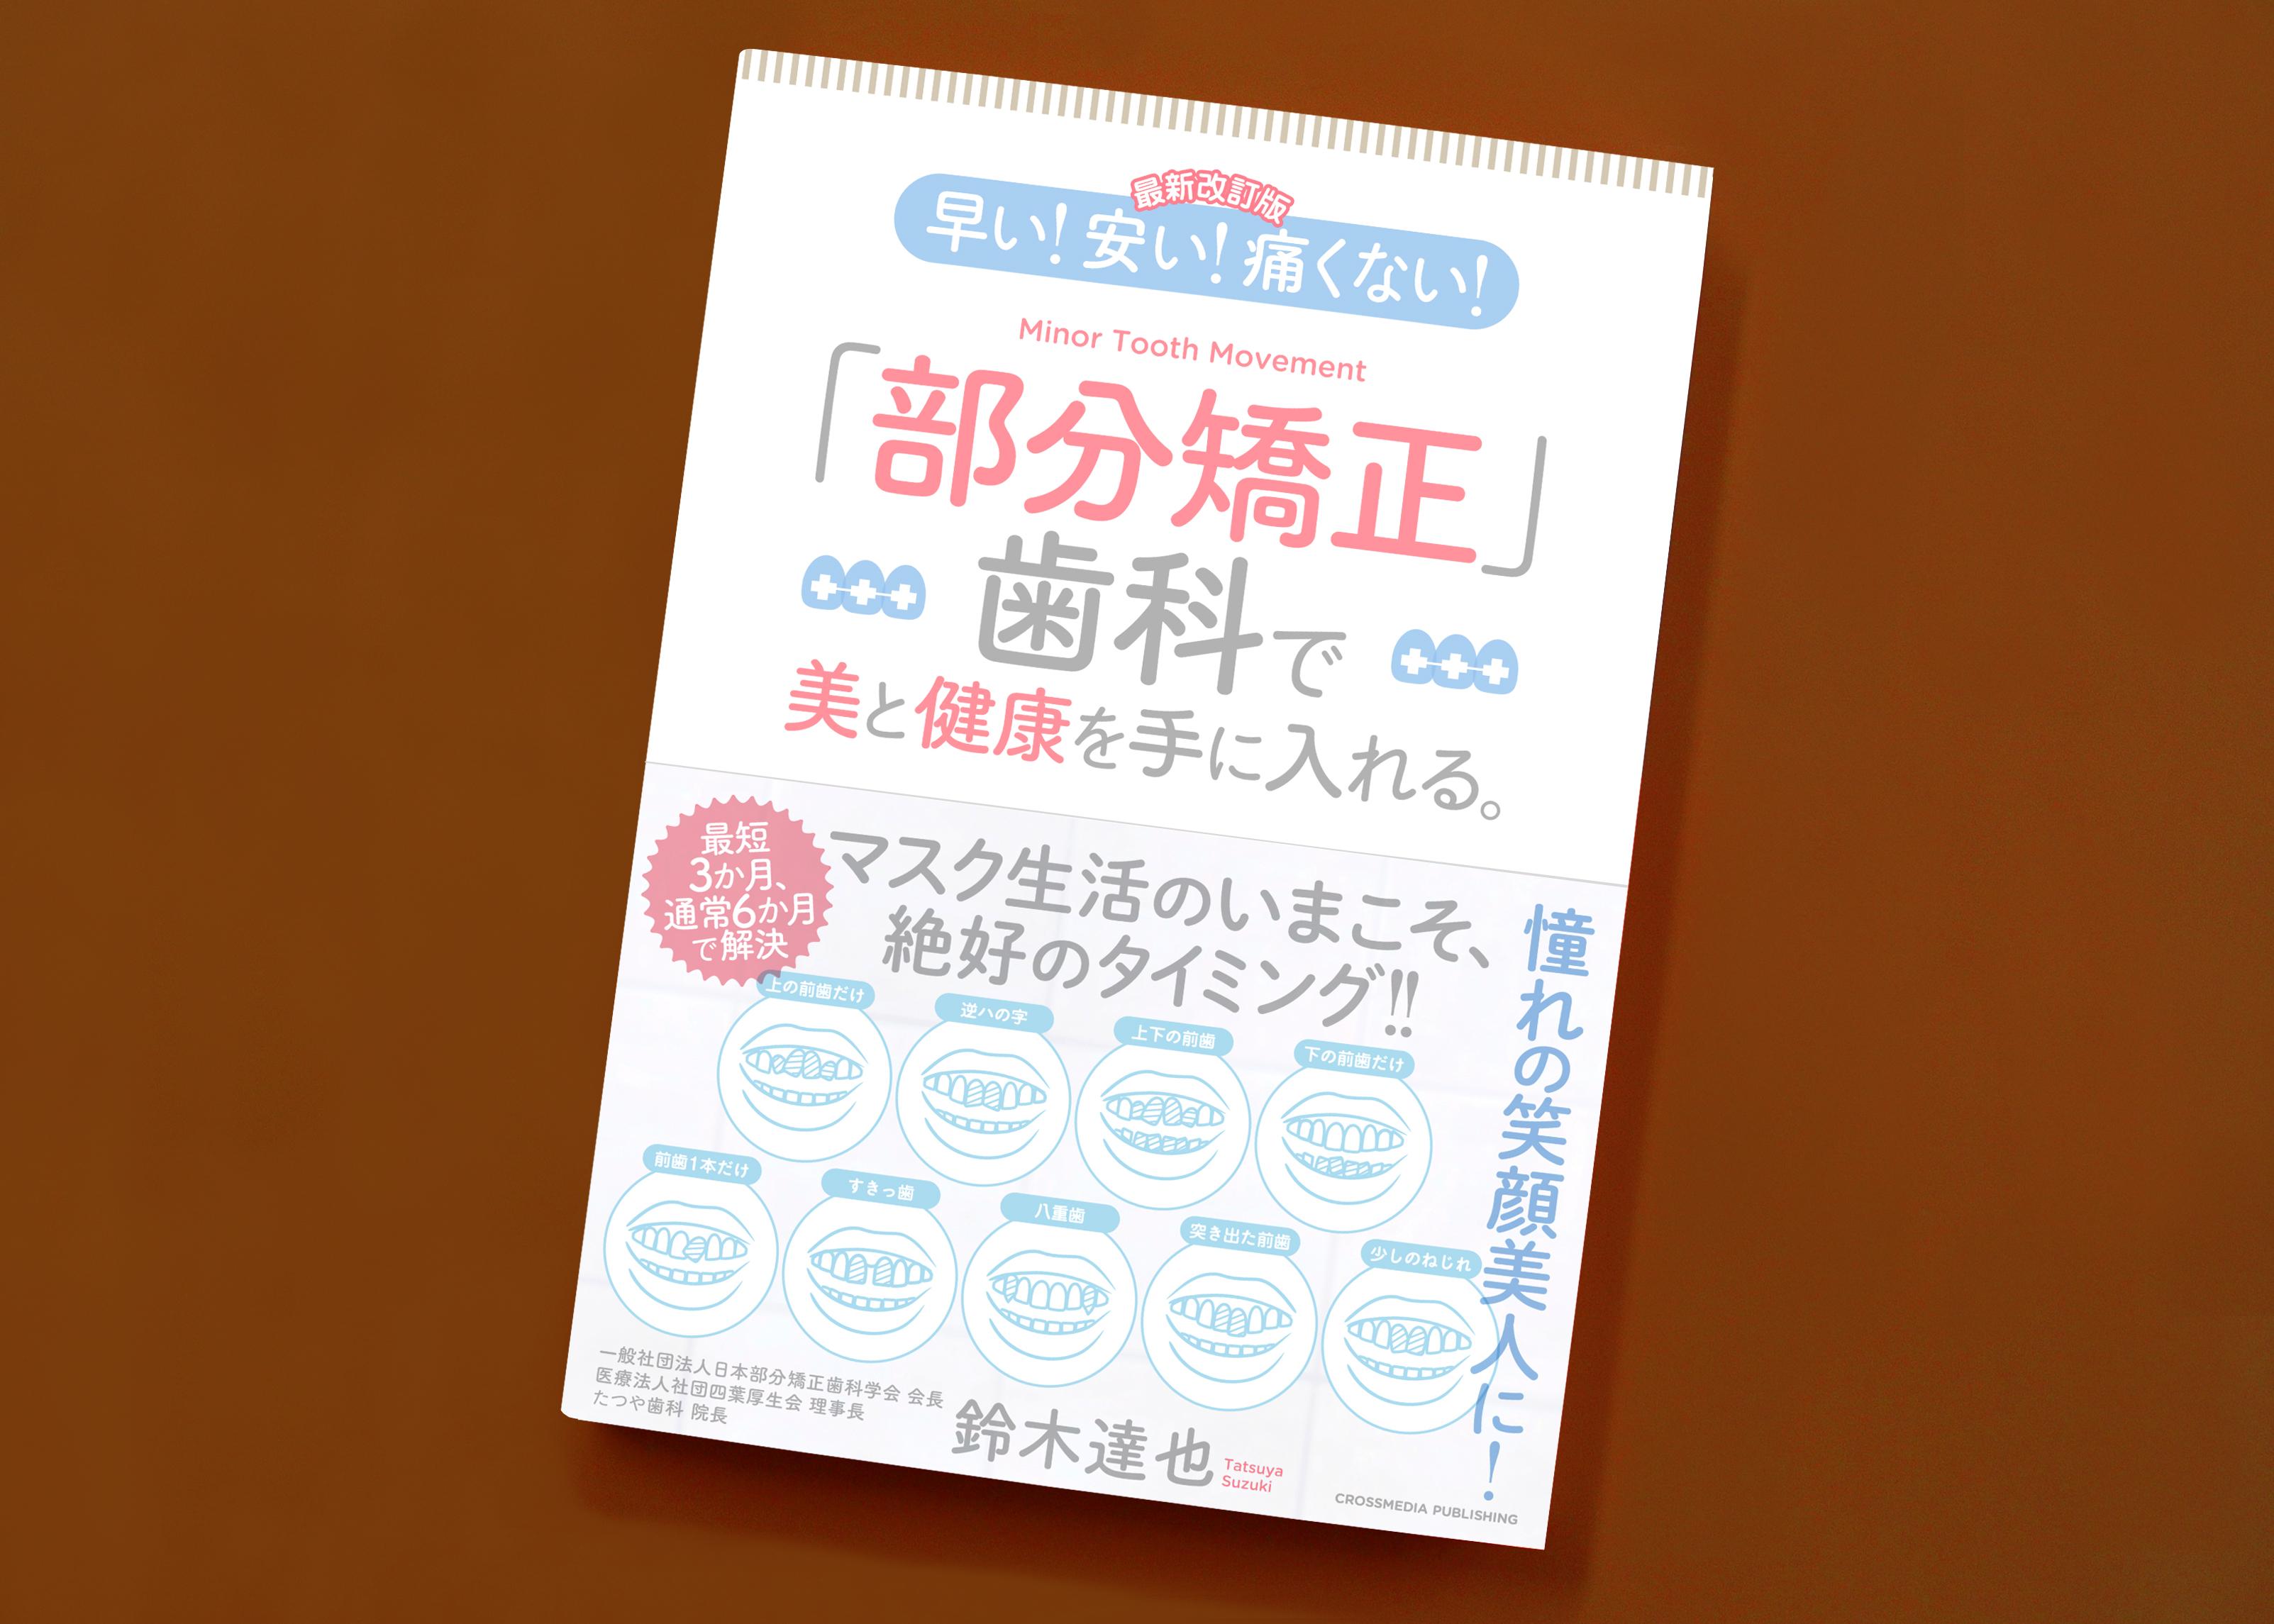 【最新改訂版】早い! 安い! 痛くない! 「部分矯正」歯科で美と健康を手に入れる